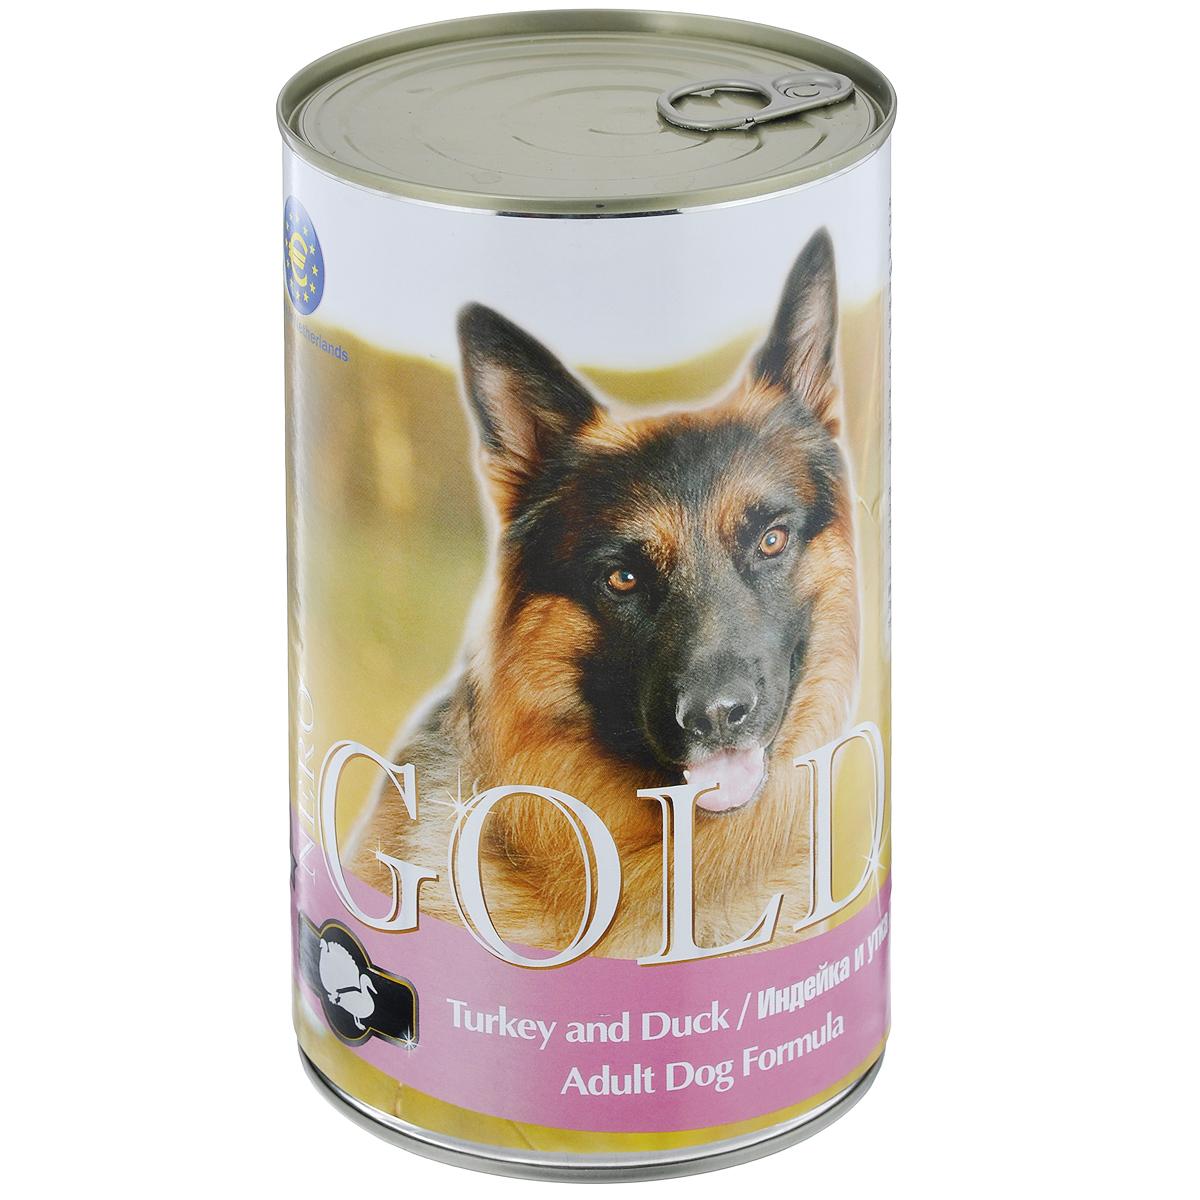 Консервы для собак Nero Gold, с индейкой и уткой, 1250 г0120710Консервы для собак Nero Gold - полнорационный продукт, содержащий все необходимые витамины и минералы, сбалансированный для поддержания оптимального здоровья вашего питомца! Состав: мясо и его производные, филе курицы, филе индейки, филе утки, злаки, витамины и минералы. Гарантированный анализ: белки 6,5%, жиры 4,5%, клетчатка 0,5%, зола 2%, влага 81%. Пищевые добавки на 1 кг продукта: витамин А 1600 МЕ, витамин D 140 МЕ, витамин Е 10 МЕ, железо 24 мг, марганец 6 мг, цинк 15 мг, медь 1 мг, магний 200 мг, йод 0,3 мг, селен 0,2 мг.Вес: 1250 г. Товар сертифицирован.